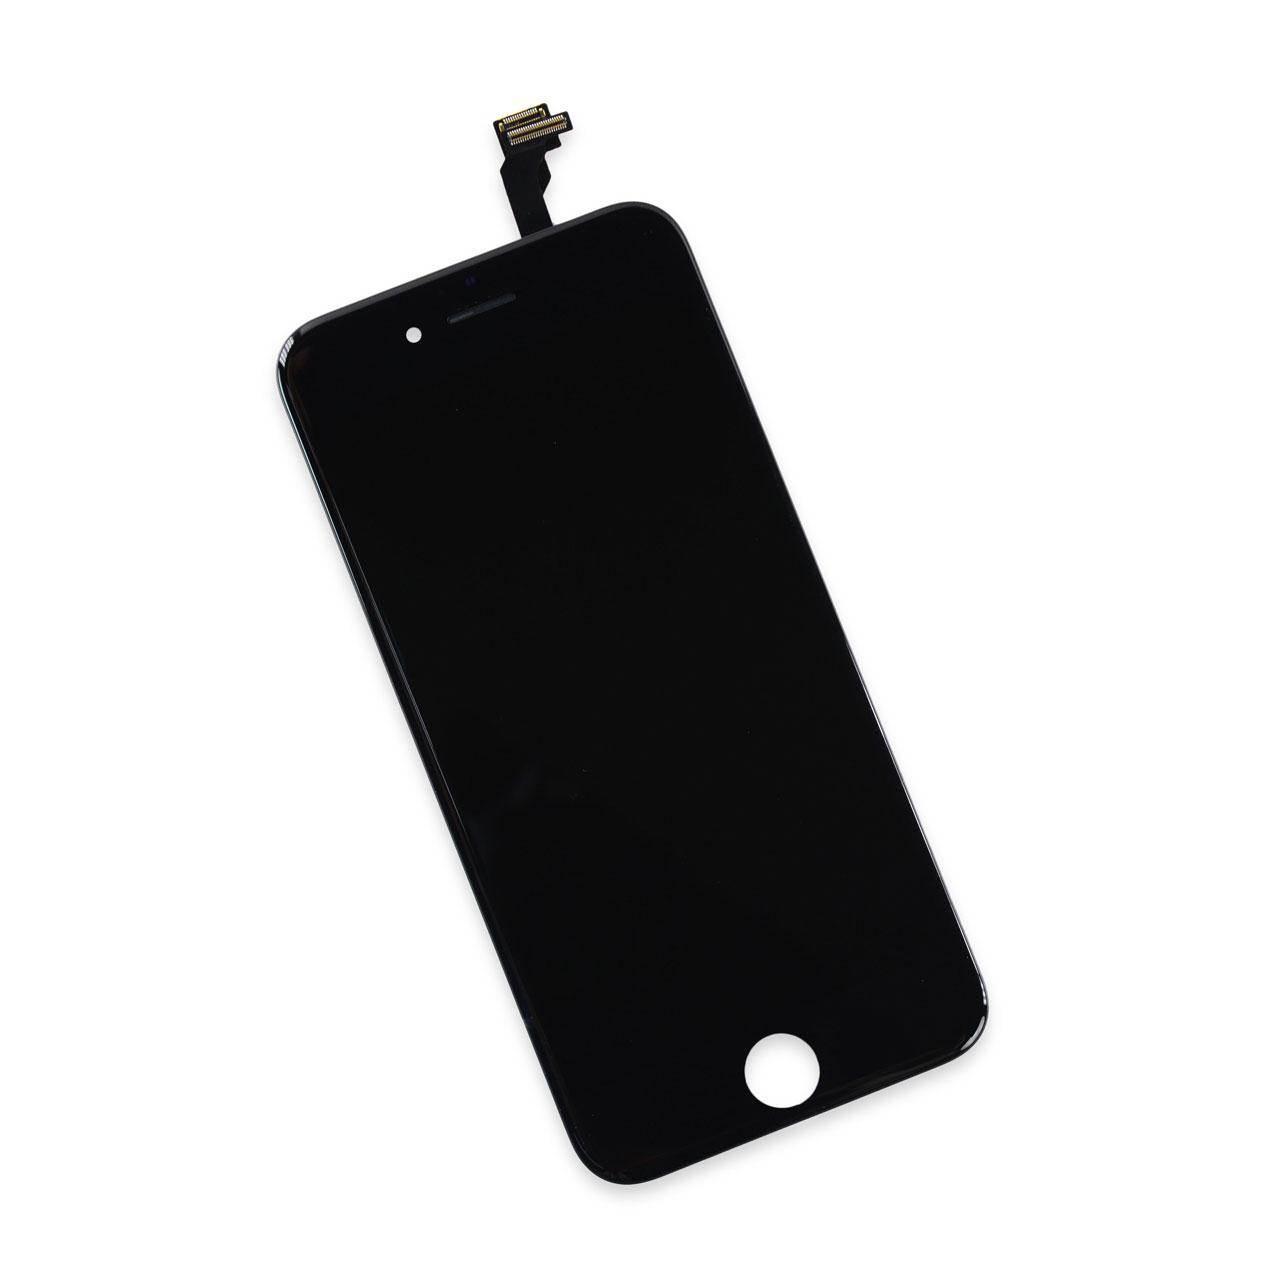 iPhone-Ersatzteile – was Sie wissen müssen